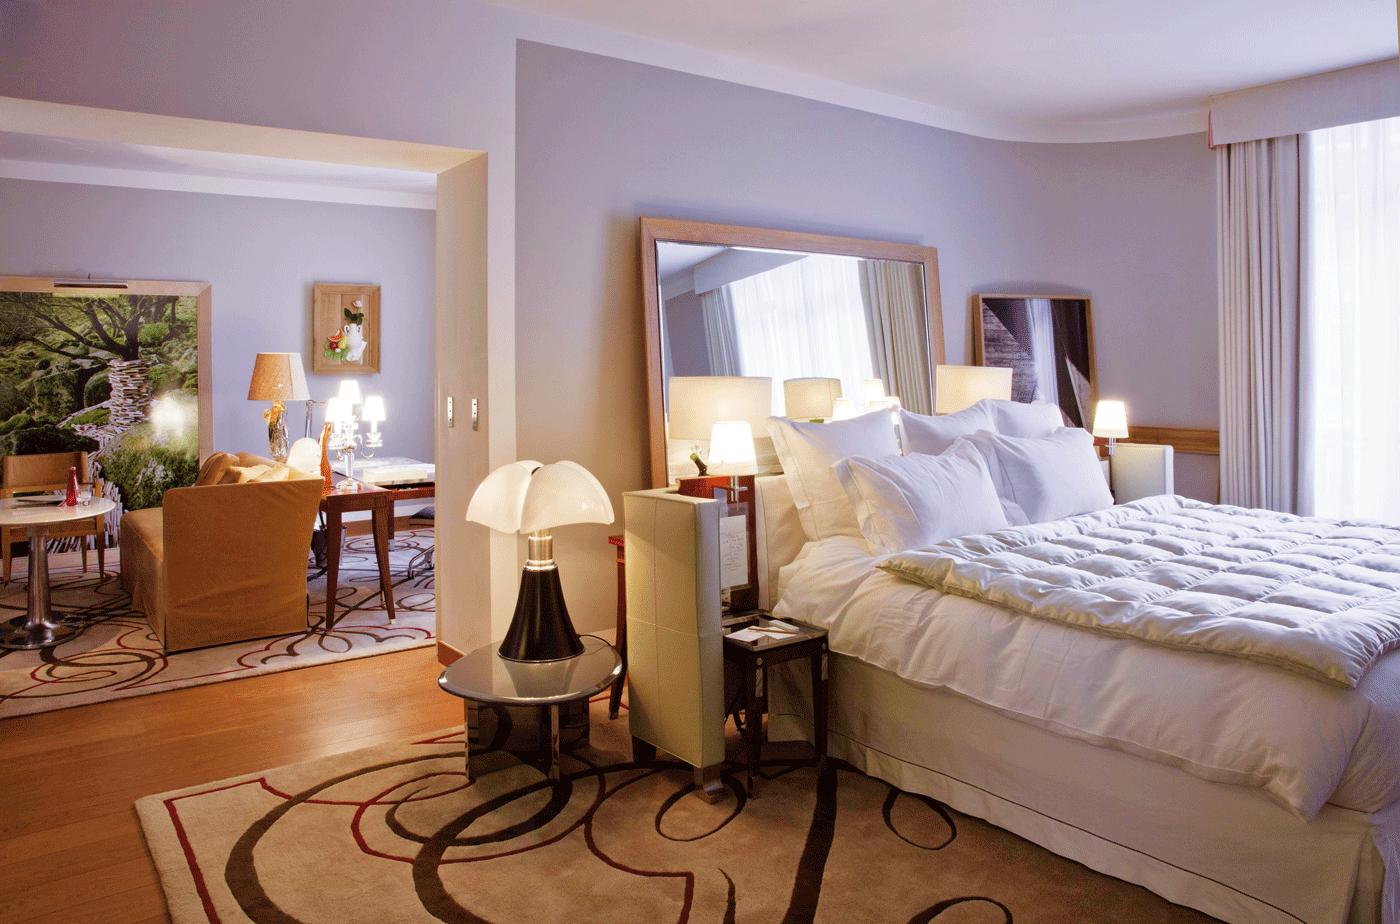 Le royal monceau raffles paris travel club monaco - La cuisine hotel royal monceau ...